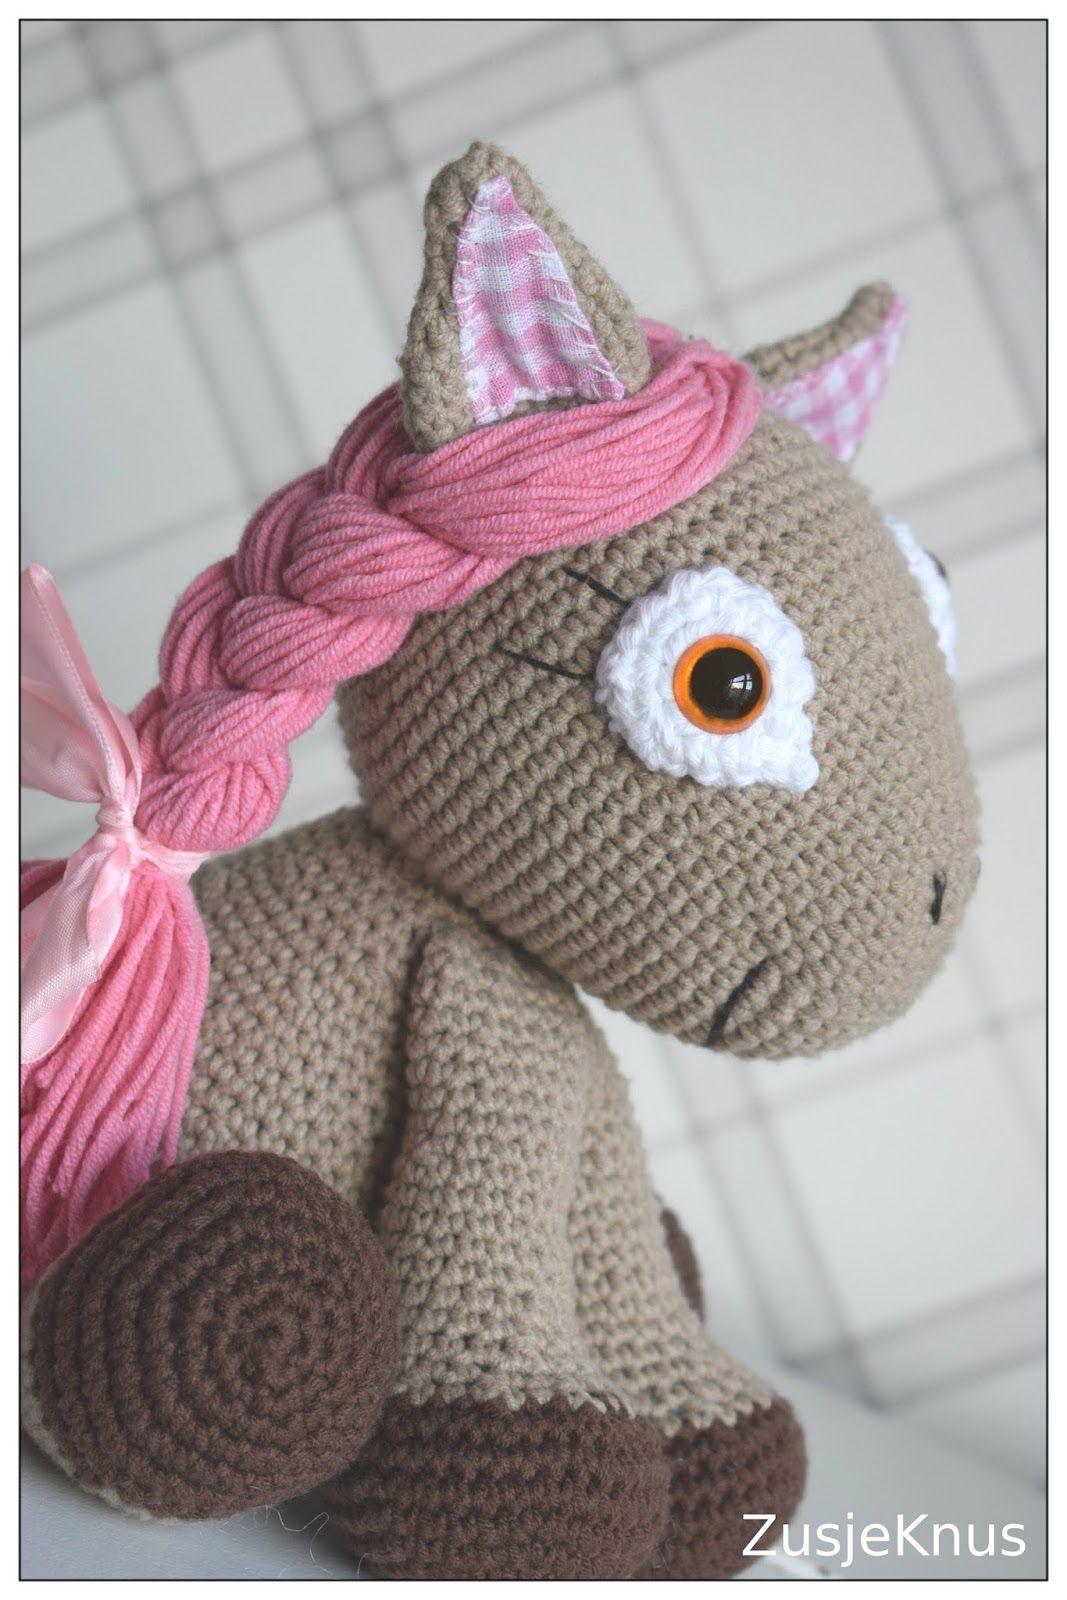 Crochet Amigirumi Horse Gehaakt Amigirumi Paard Haken En Breien